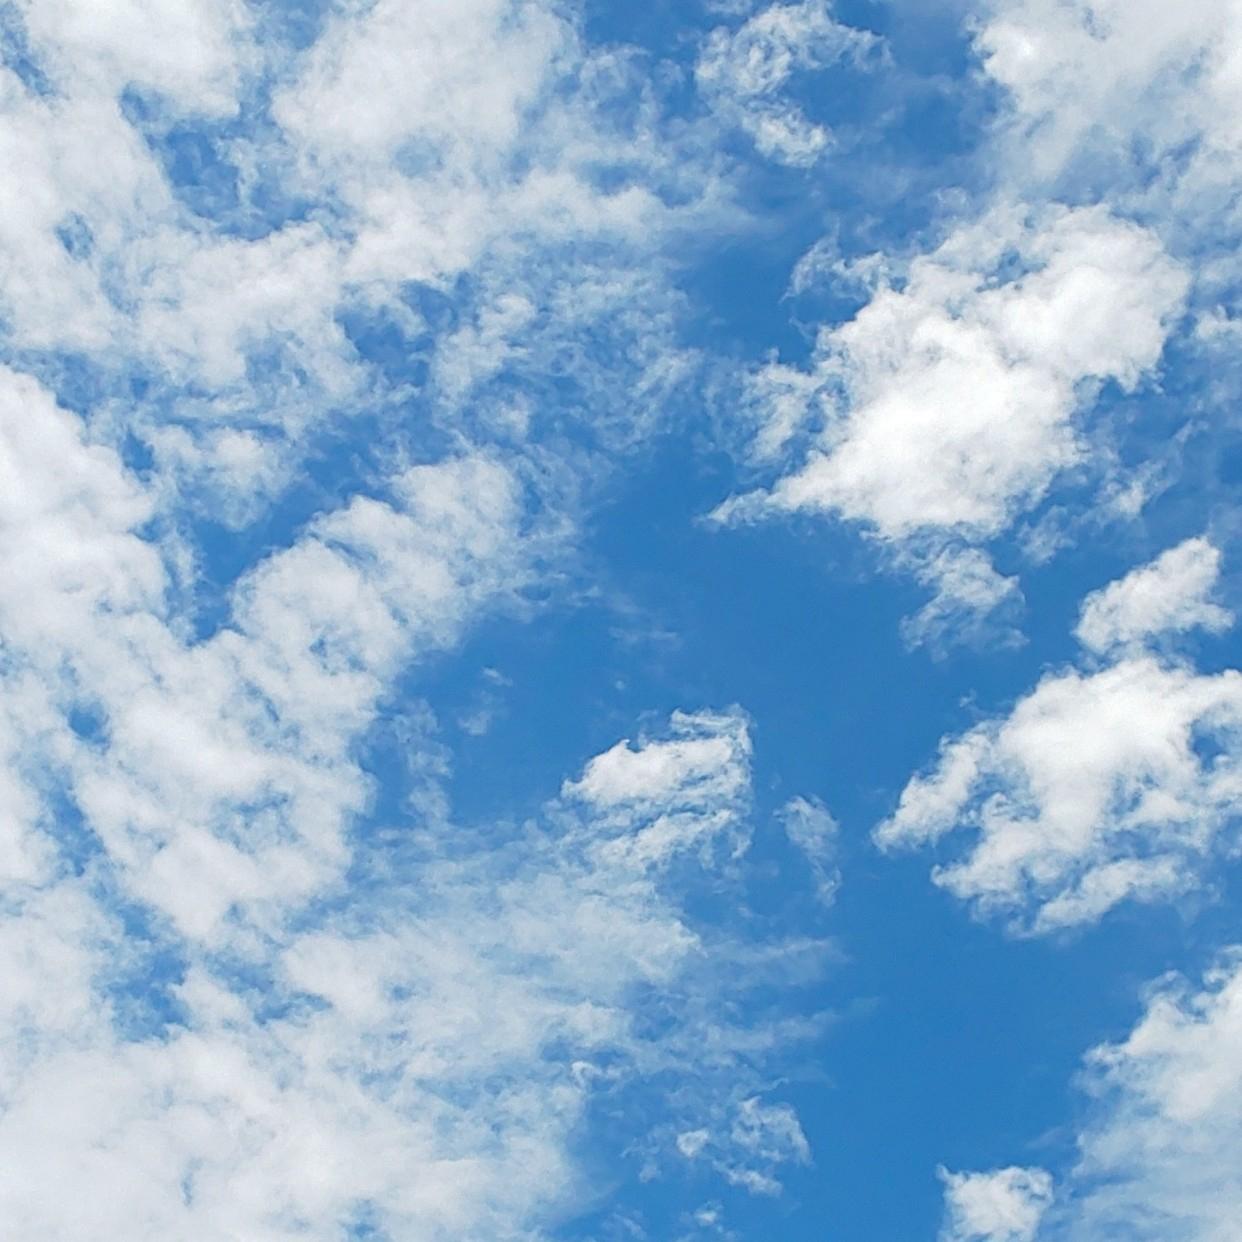 リビング/人生は夢だらけ/普通の幸せありがとう/東京の自宅/東京の空のインテリア実例 - 2021-06-20 12:13:32